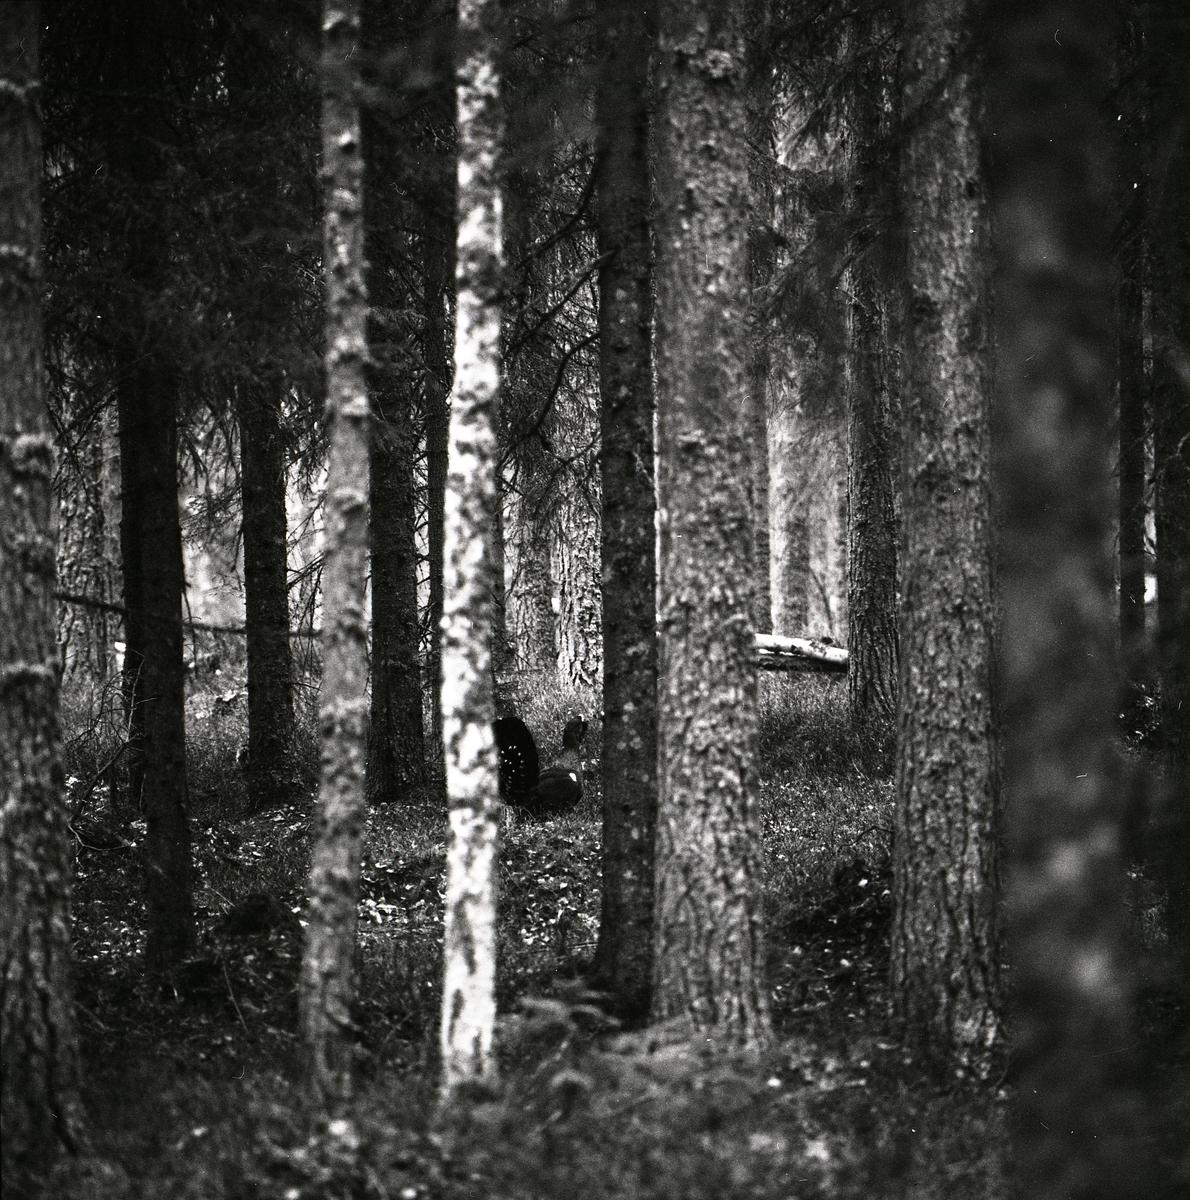 Mellan träden i skogen skymtar en spelande tjäder fram, våren 1975.